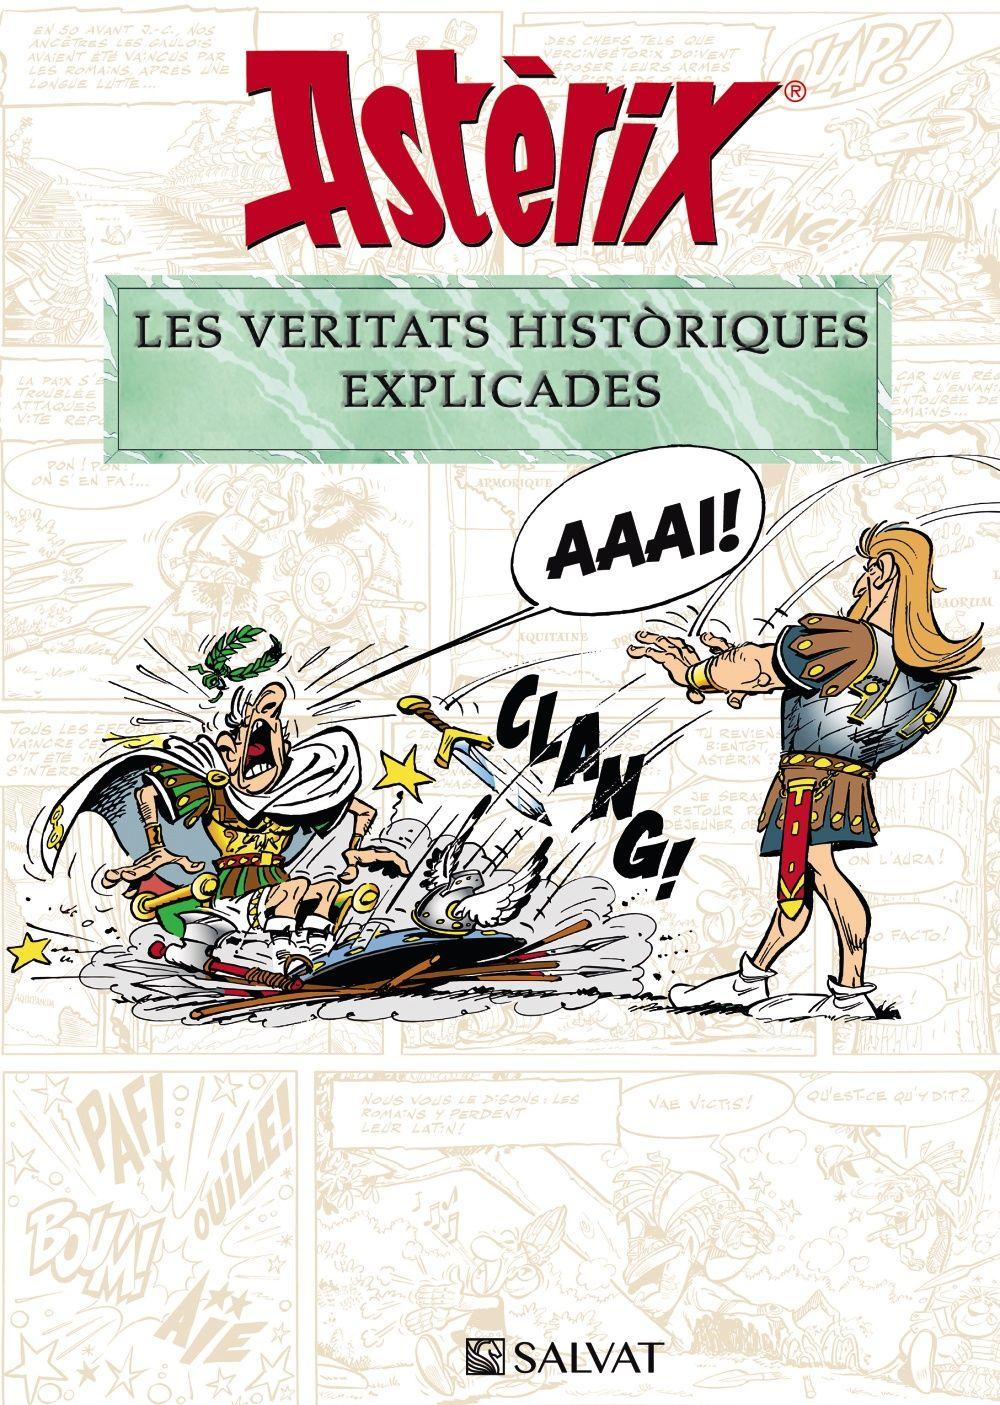 ASTÈRIX LES VERITATS HISTÒRIQUES EXPLICADES